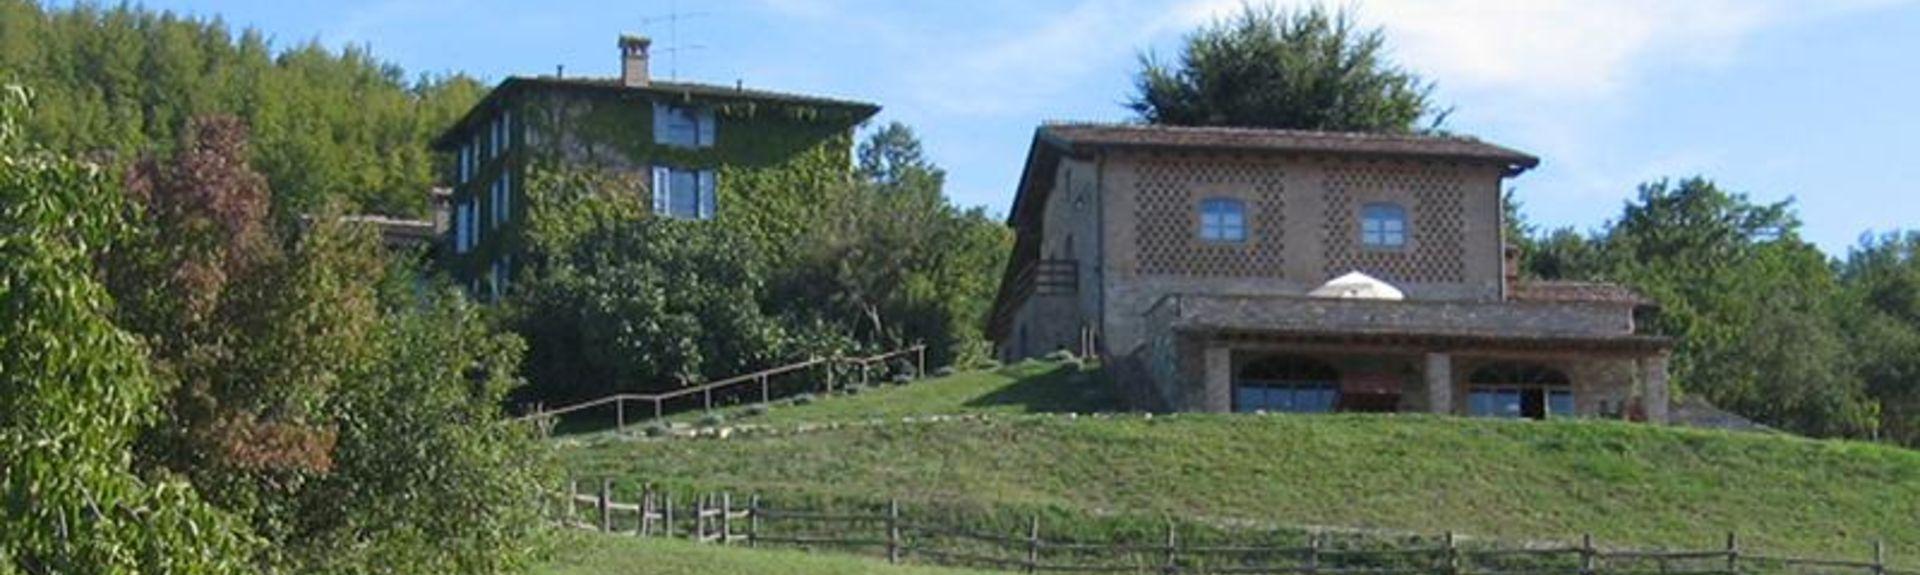 Golf de Salsomaggiore, Salsomaggiore Terme, Emilie-Romagne, Italie